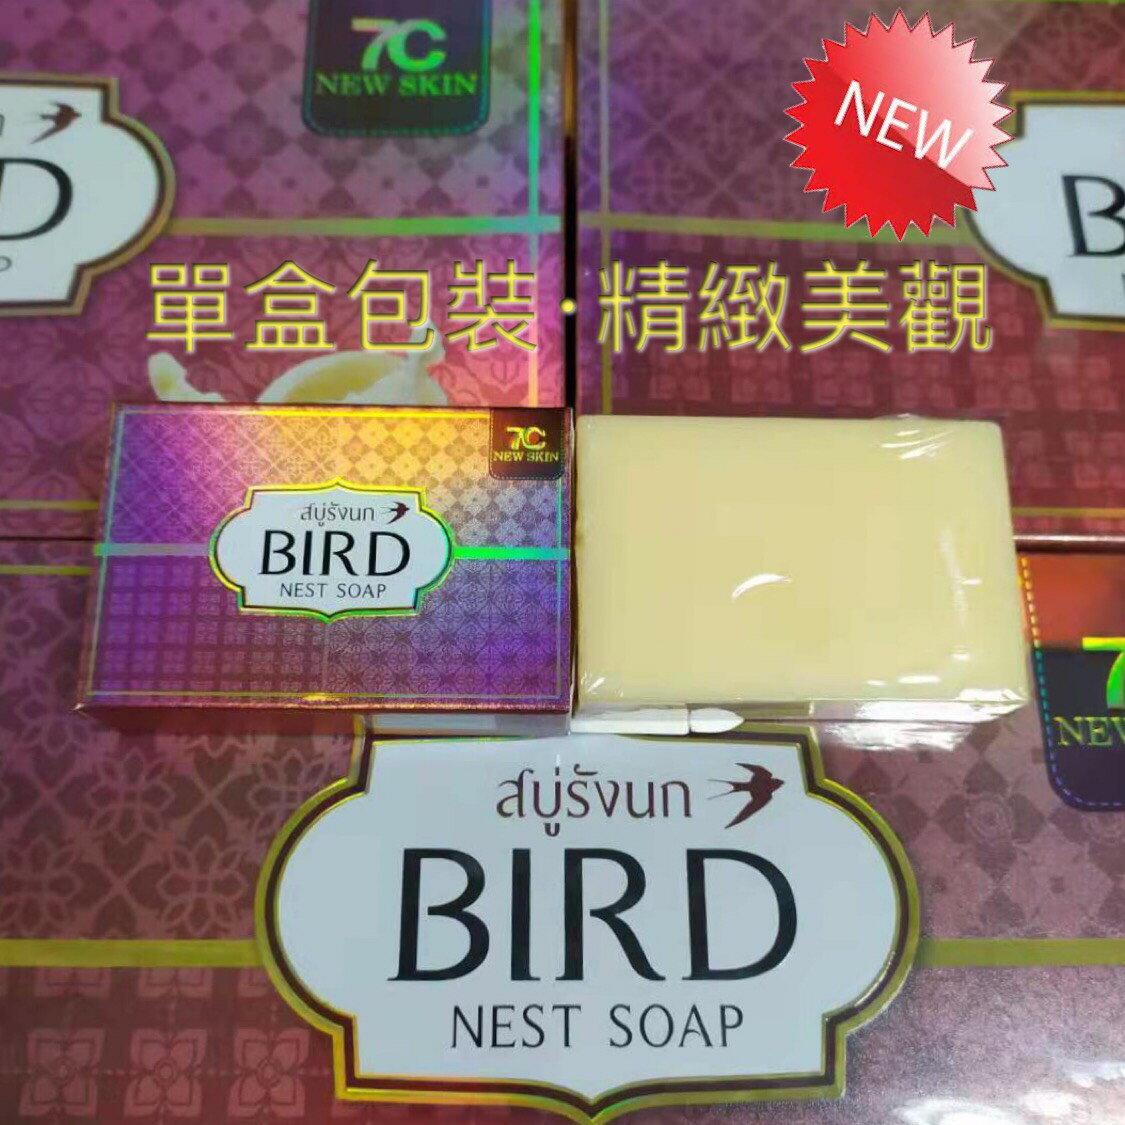 泰國天然椰油燕窩皂︱台灣獨賣新品︱GMP工廠生產 品質保證︱盒裝 ︱1盒12入 6